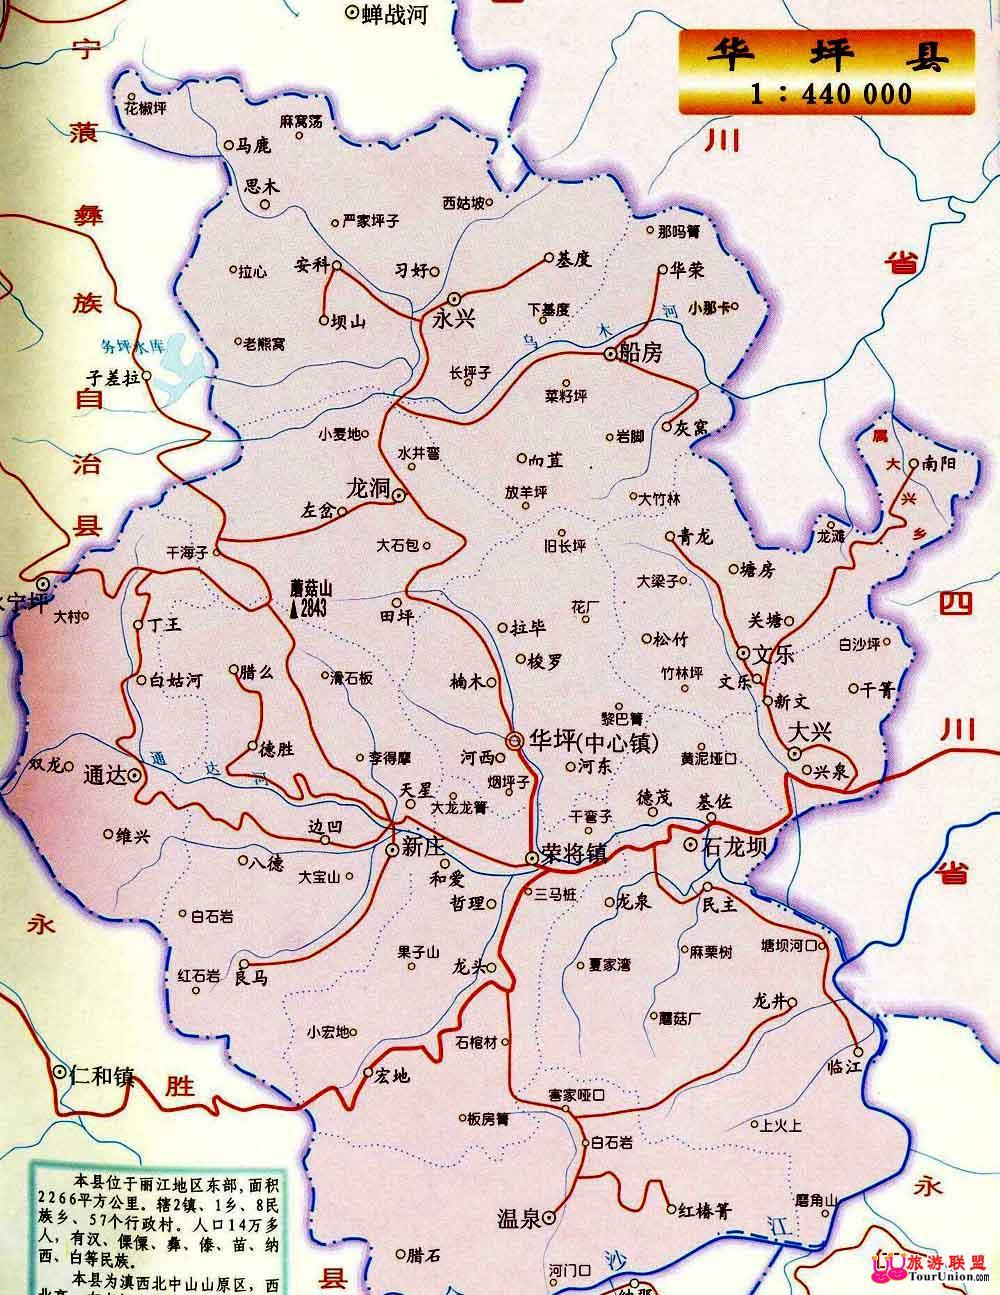 云南大理华坪的地图展示